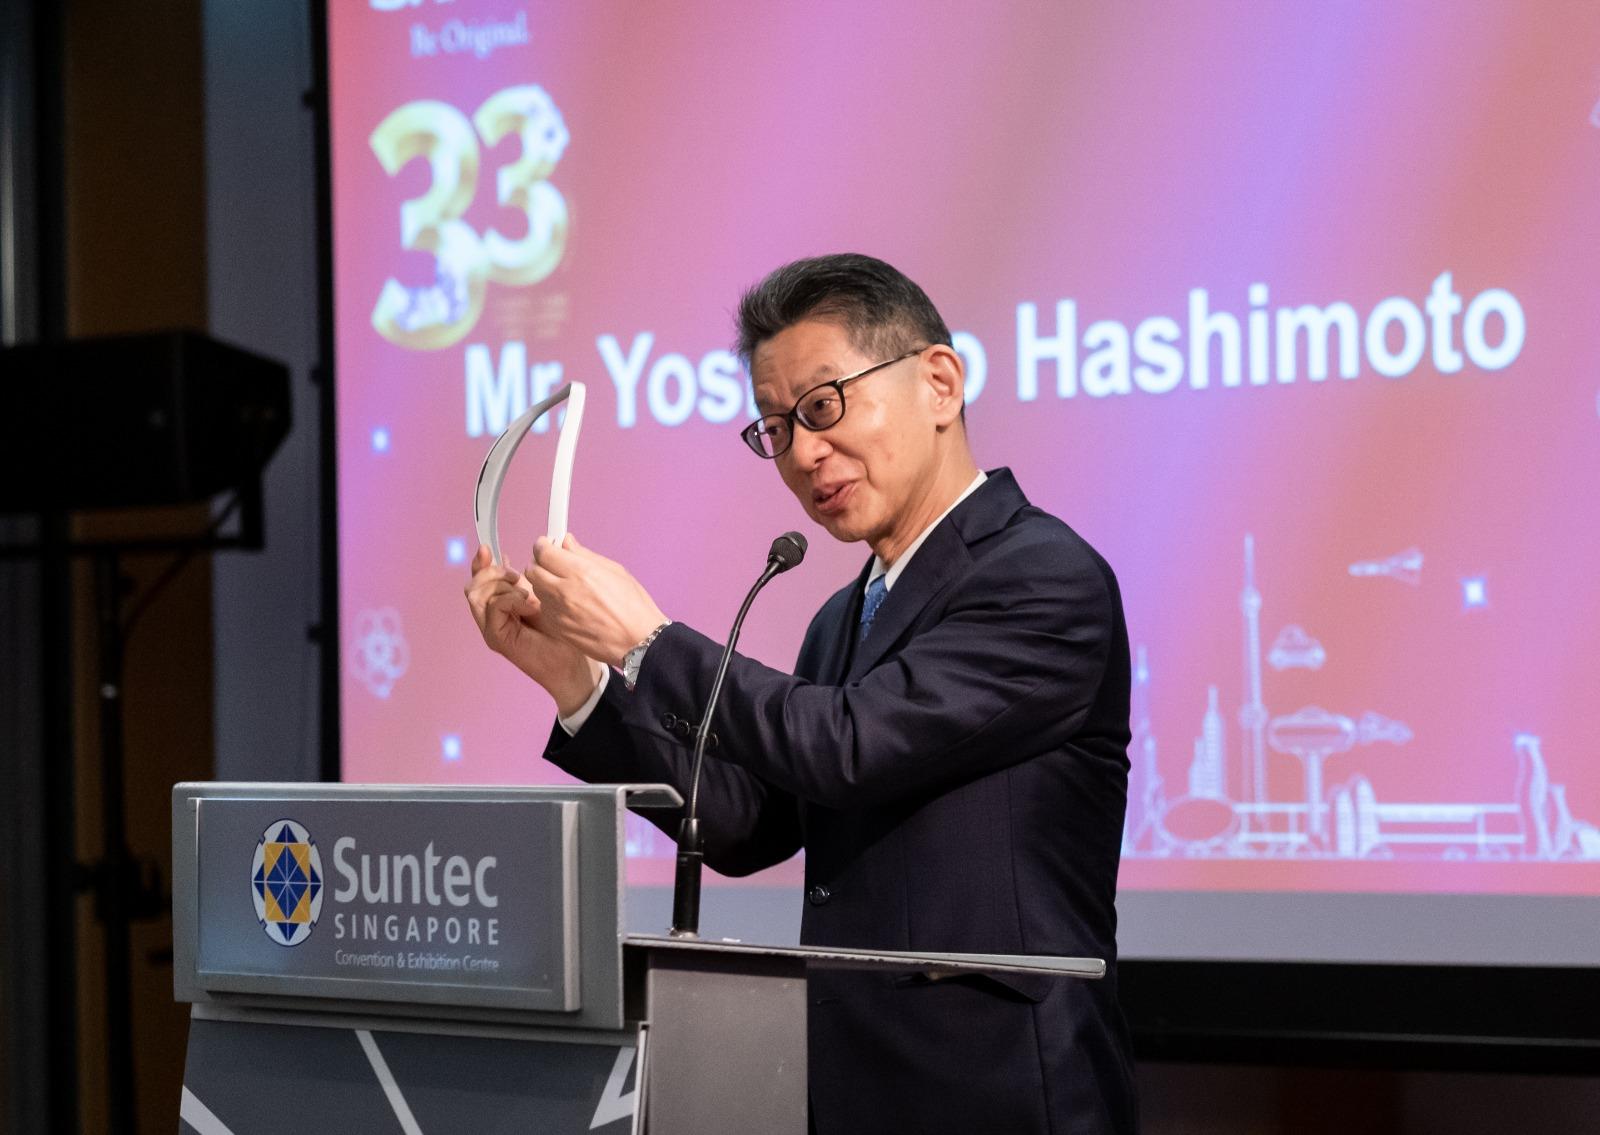 Mr Yoshihiro Hashimoto